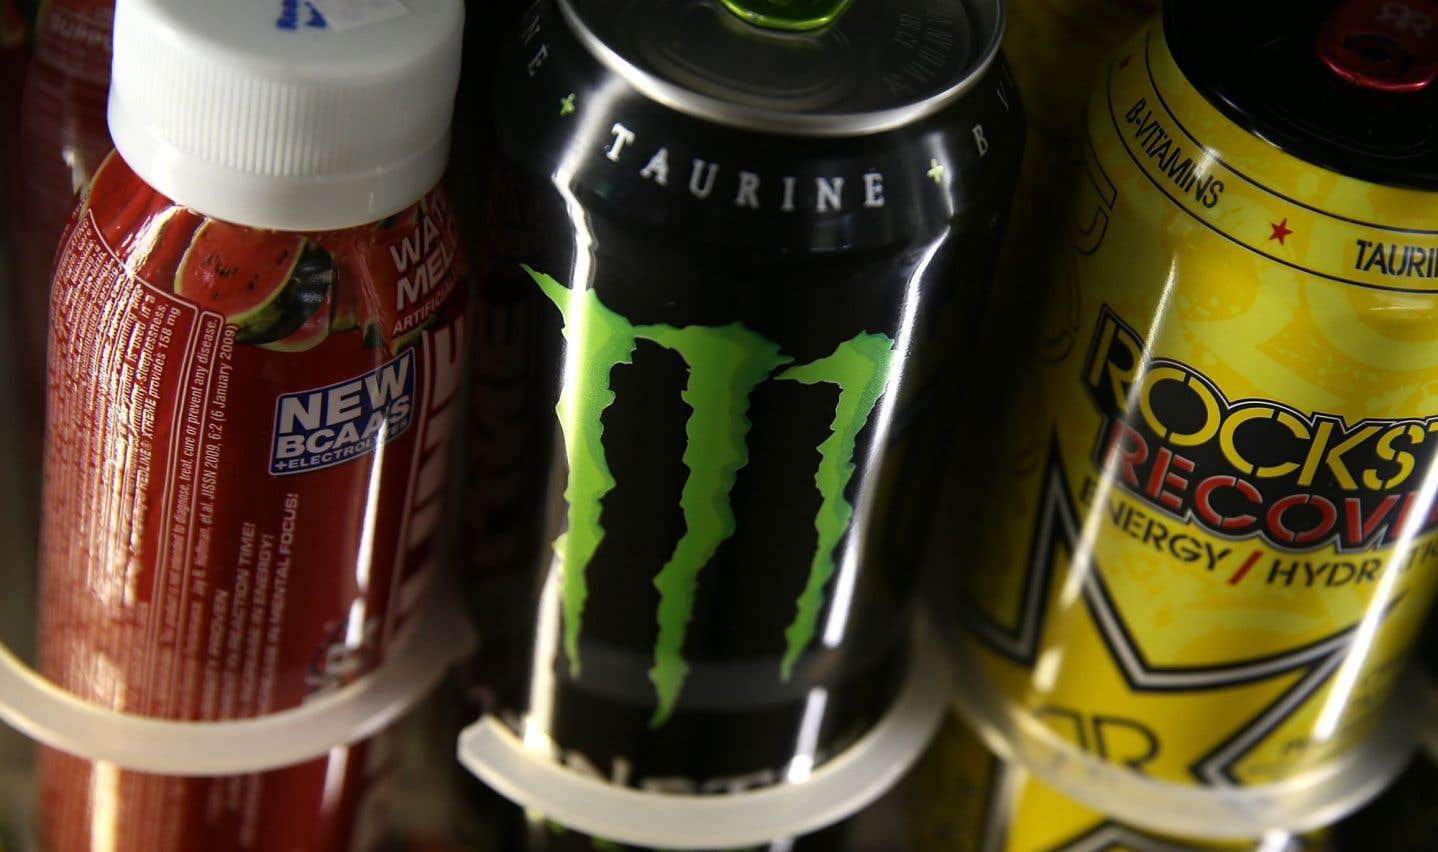 L'abus de boissons sucrées mine la santé des Canadiens